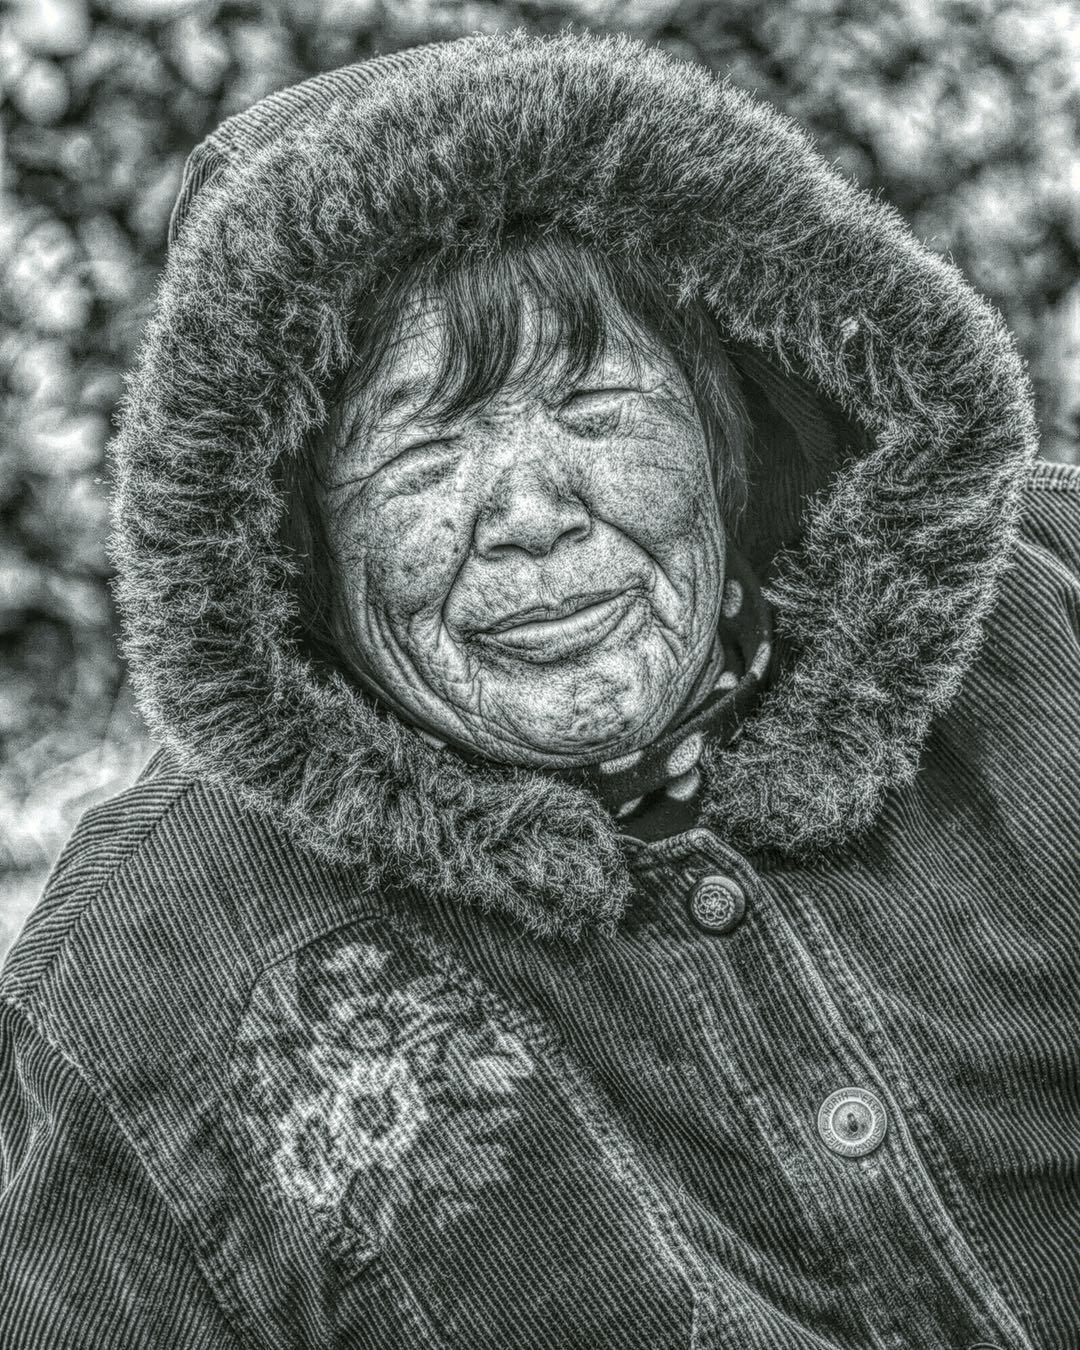 阿番作品:湖边栽树的农民工们